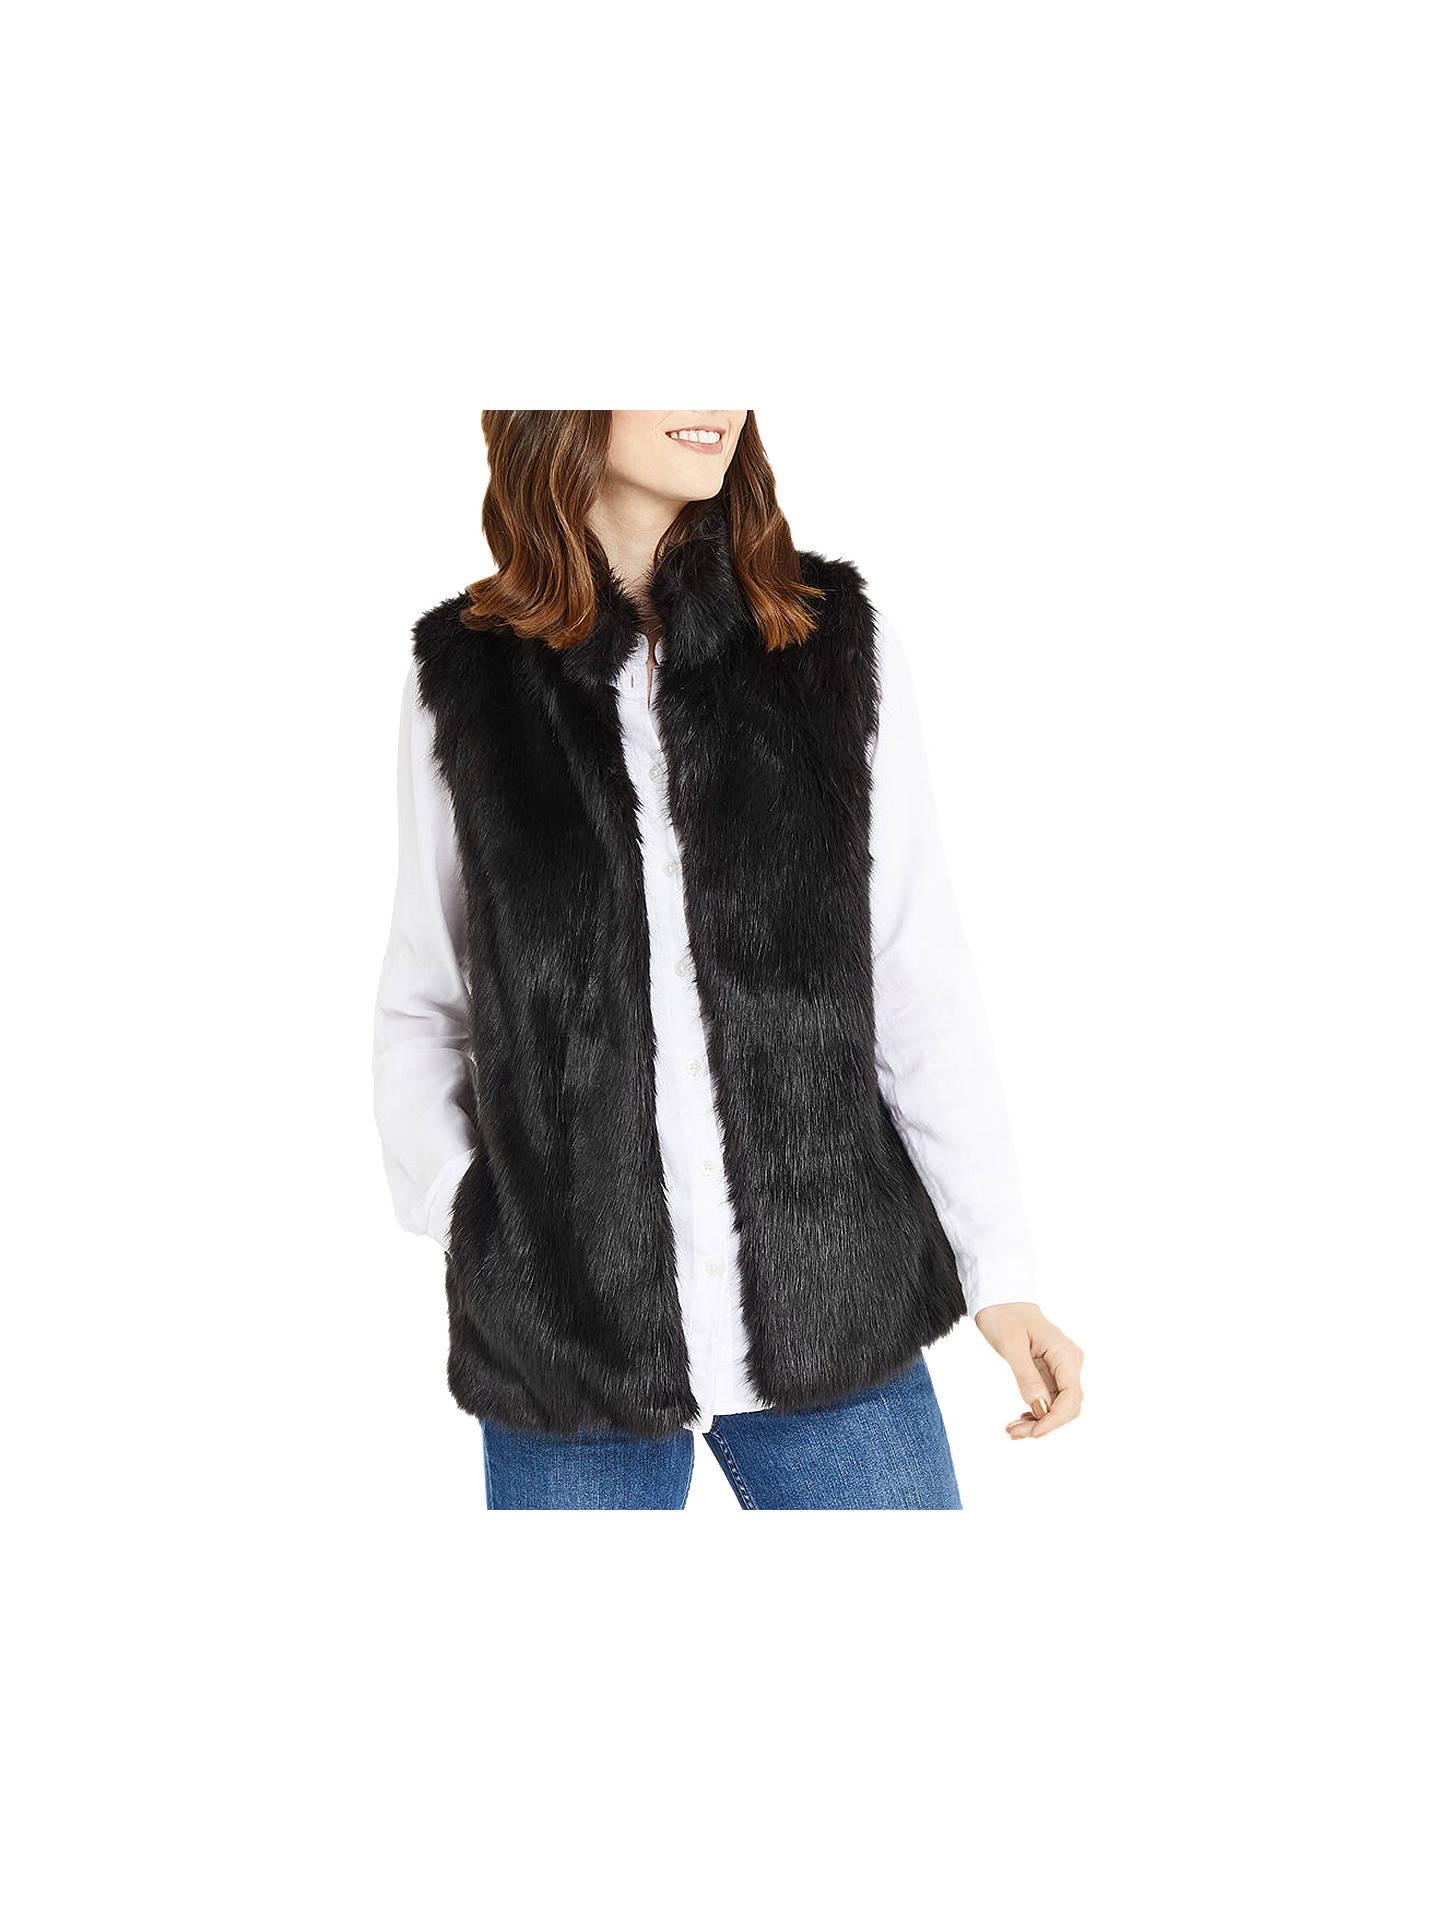 BuyOasis Faux Fur Gilet d5355fe6caebc